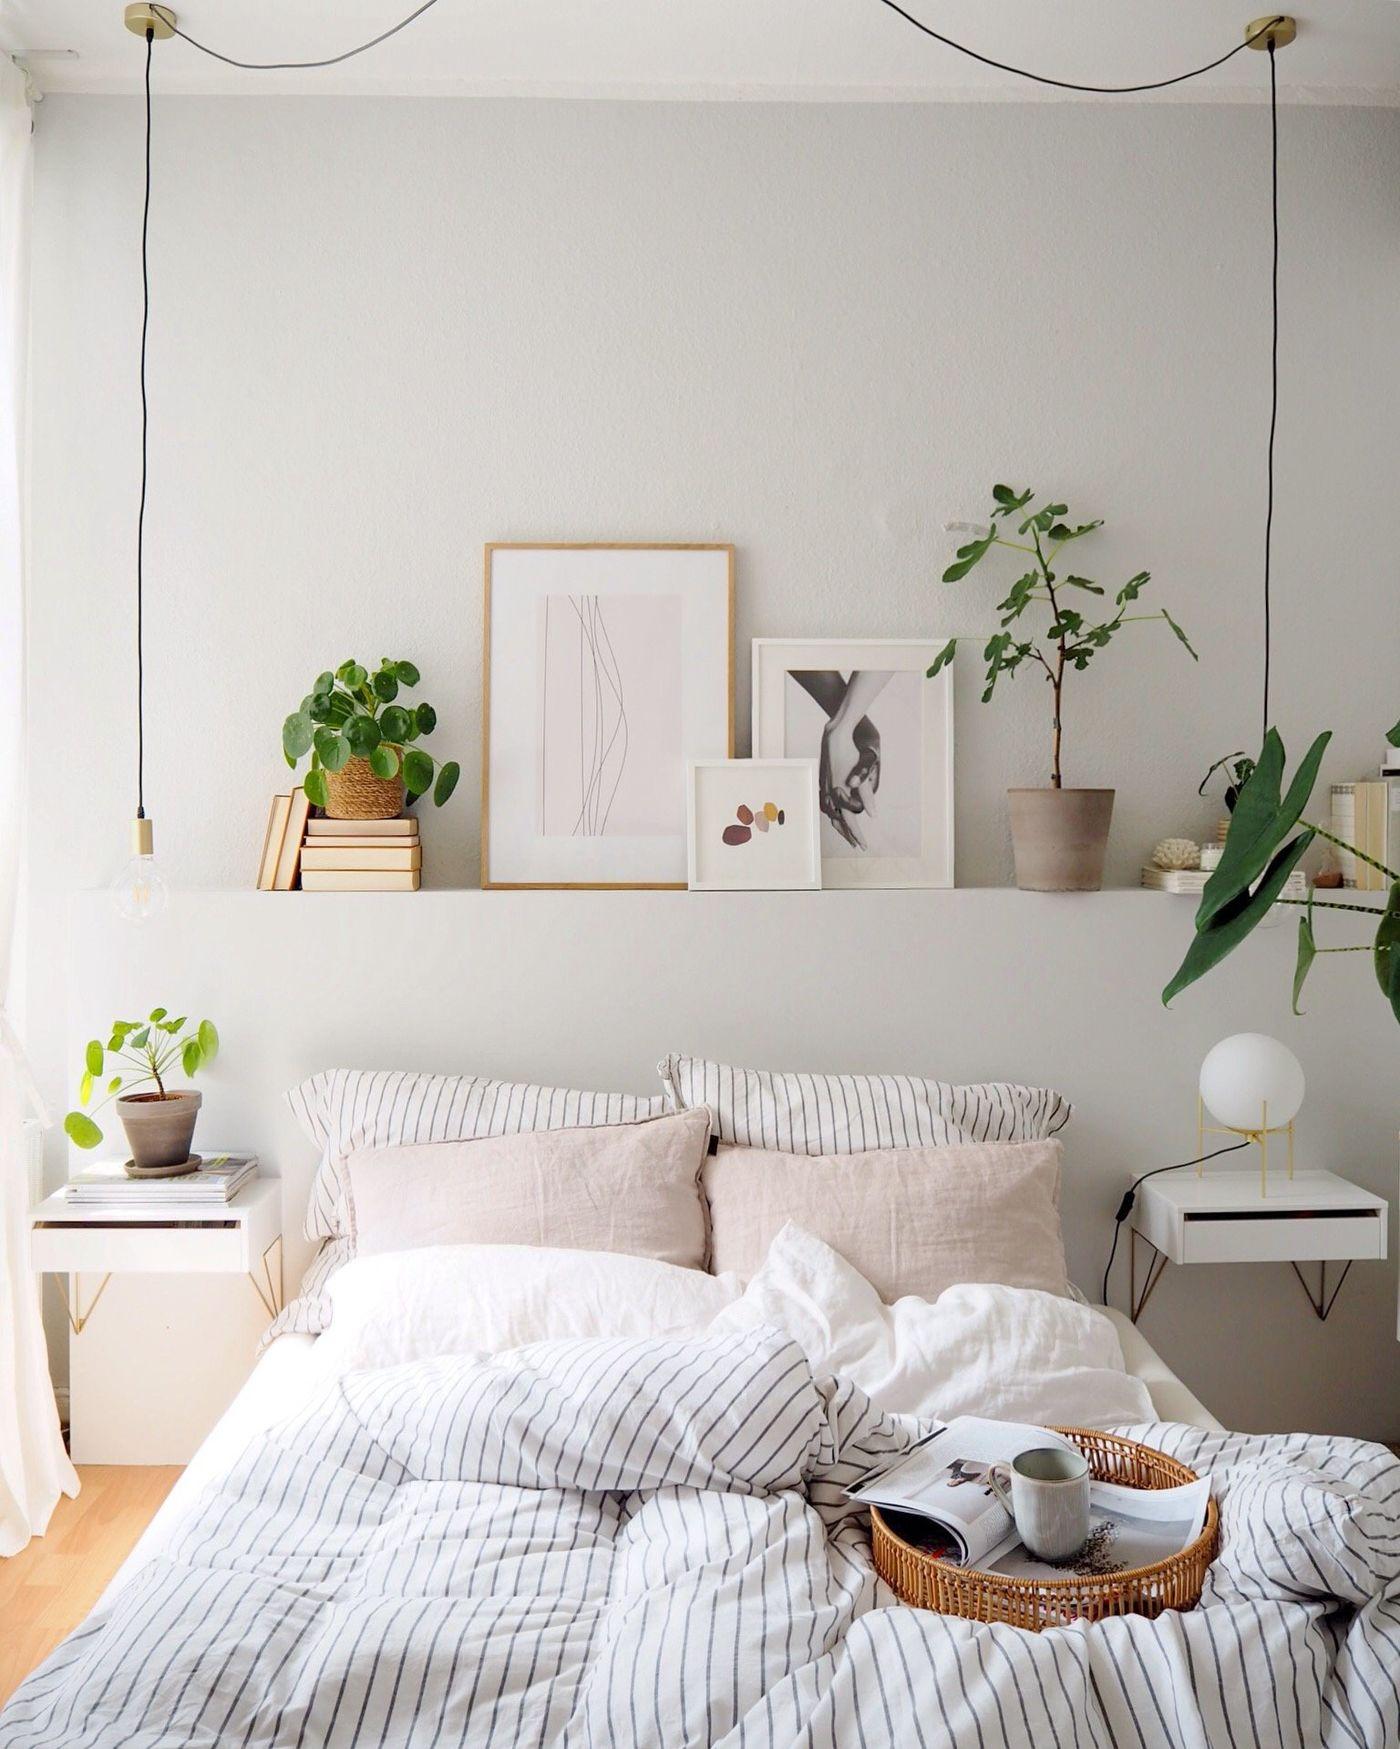 Die besten Ideen für die Wandgestaltung im Schlafzimmer - Seite 19